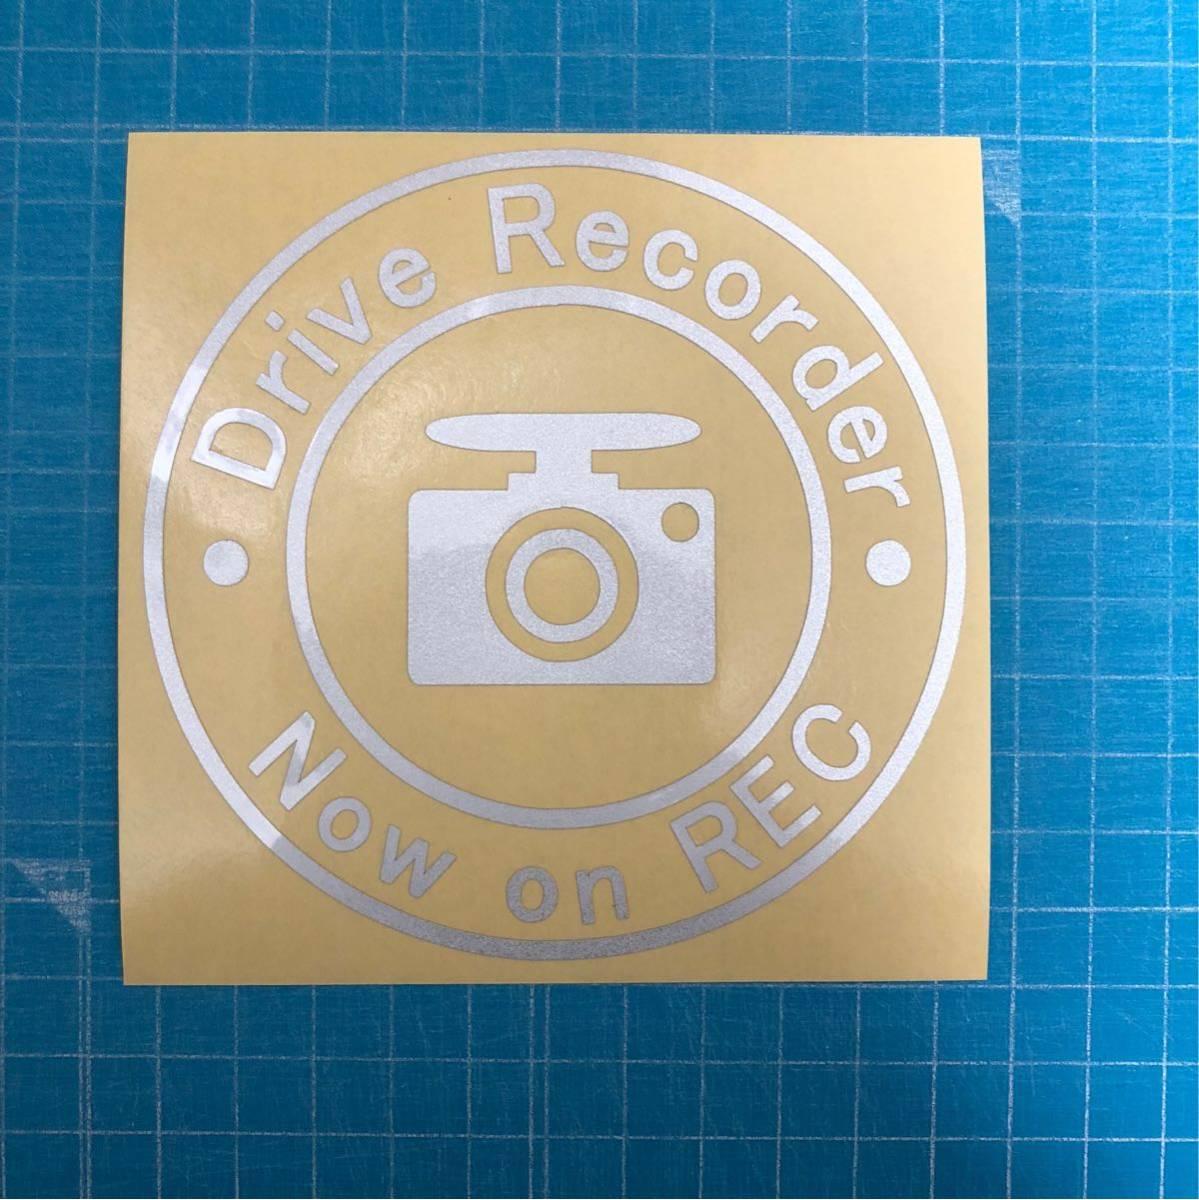 送料無料 反射ドライブレコーダー ステッカー 大サイズ シルバー Drive Recorder ドラレコ10 ヘラフラ usdm スタンス 世田谷ベース_画像2